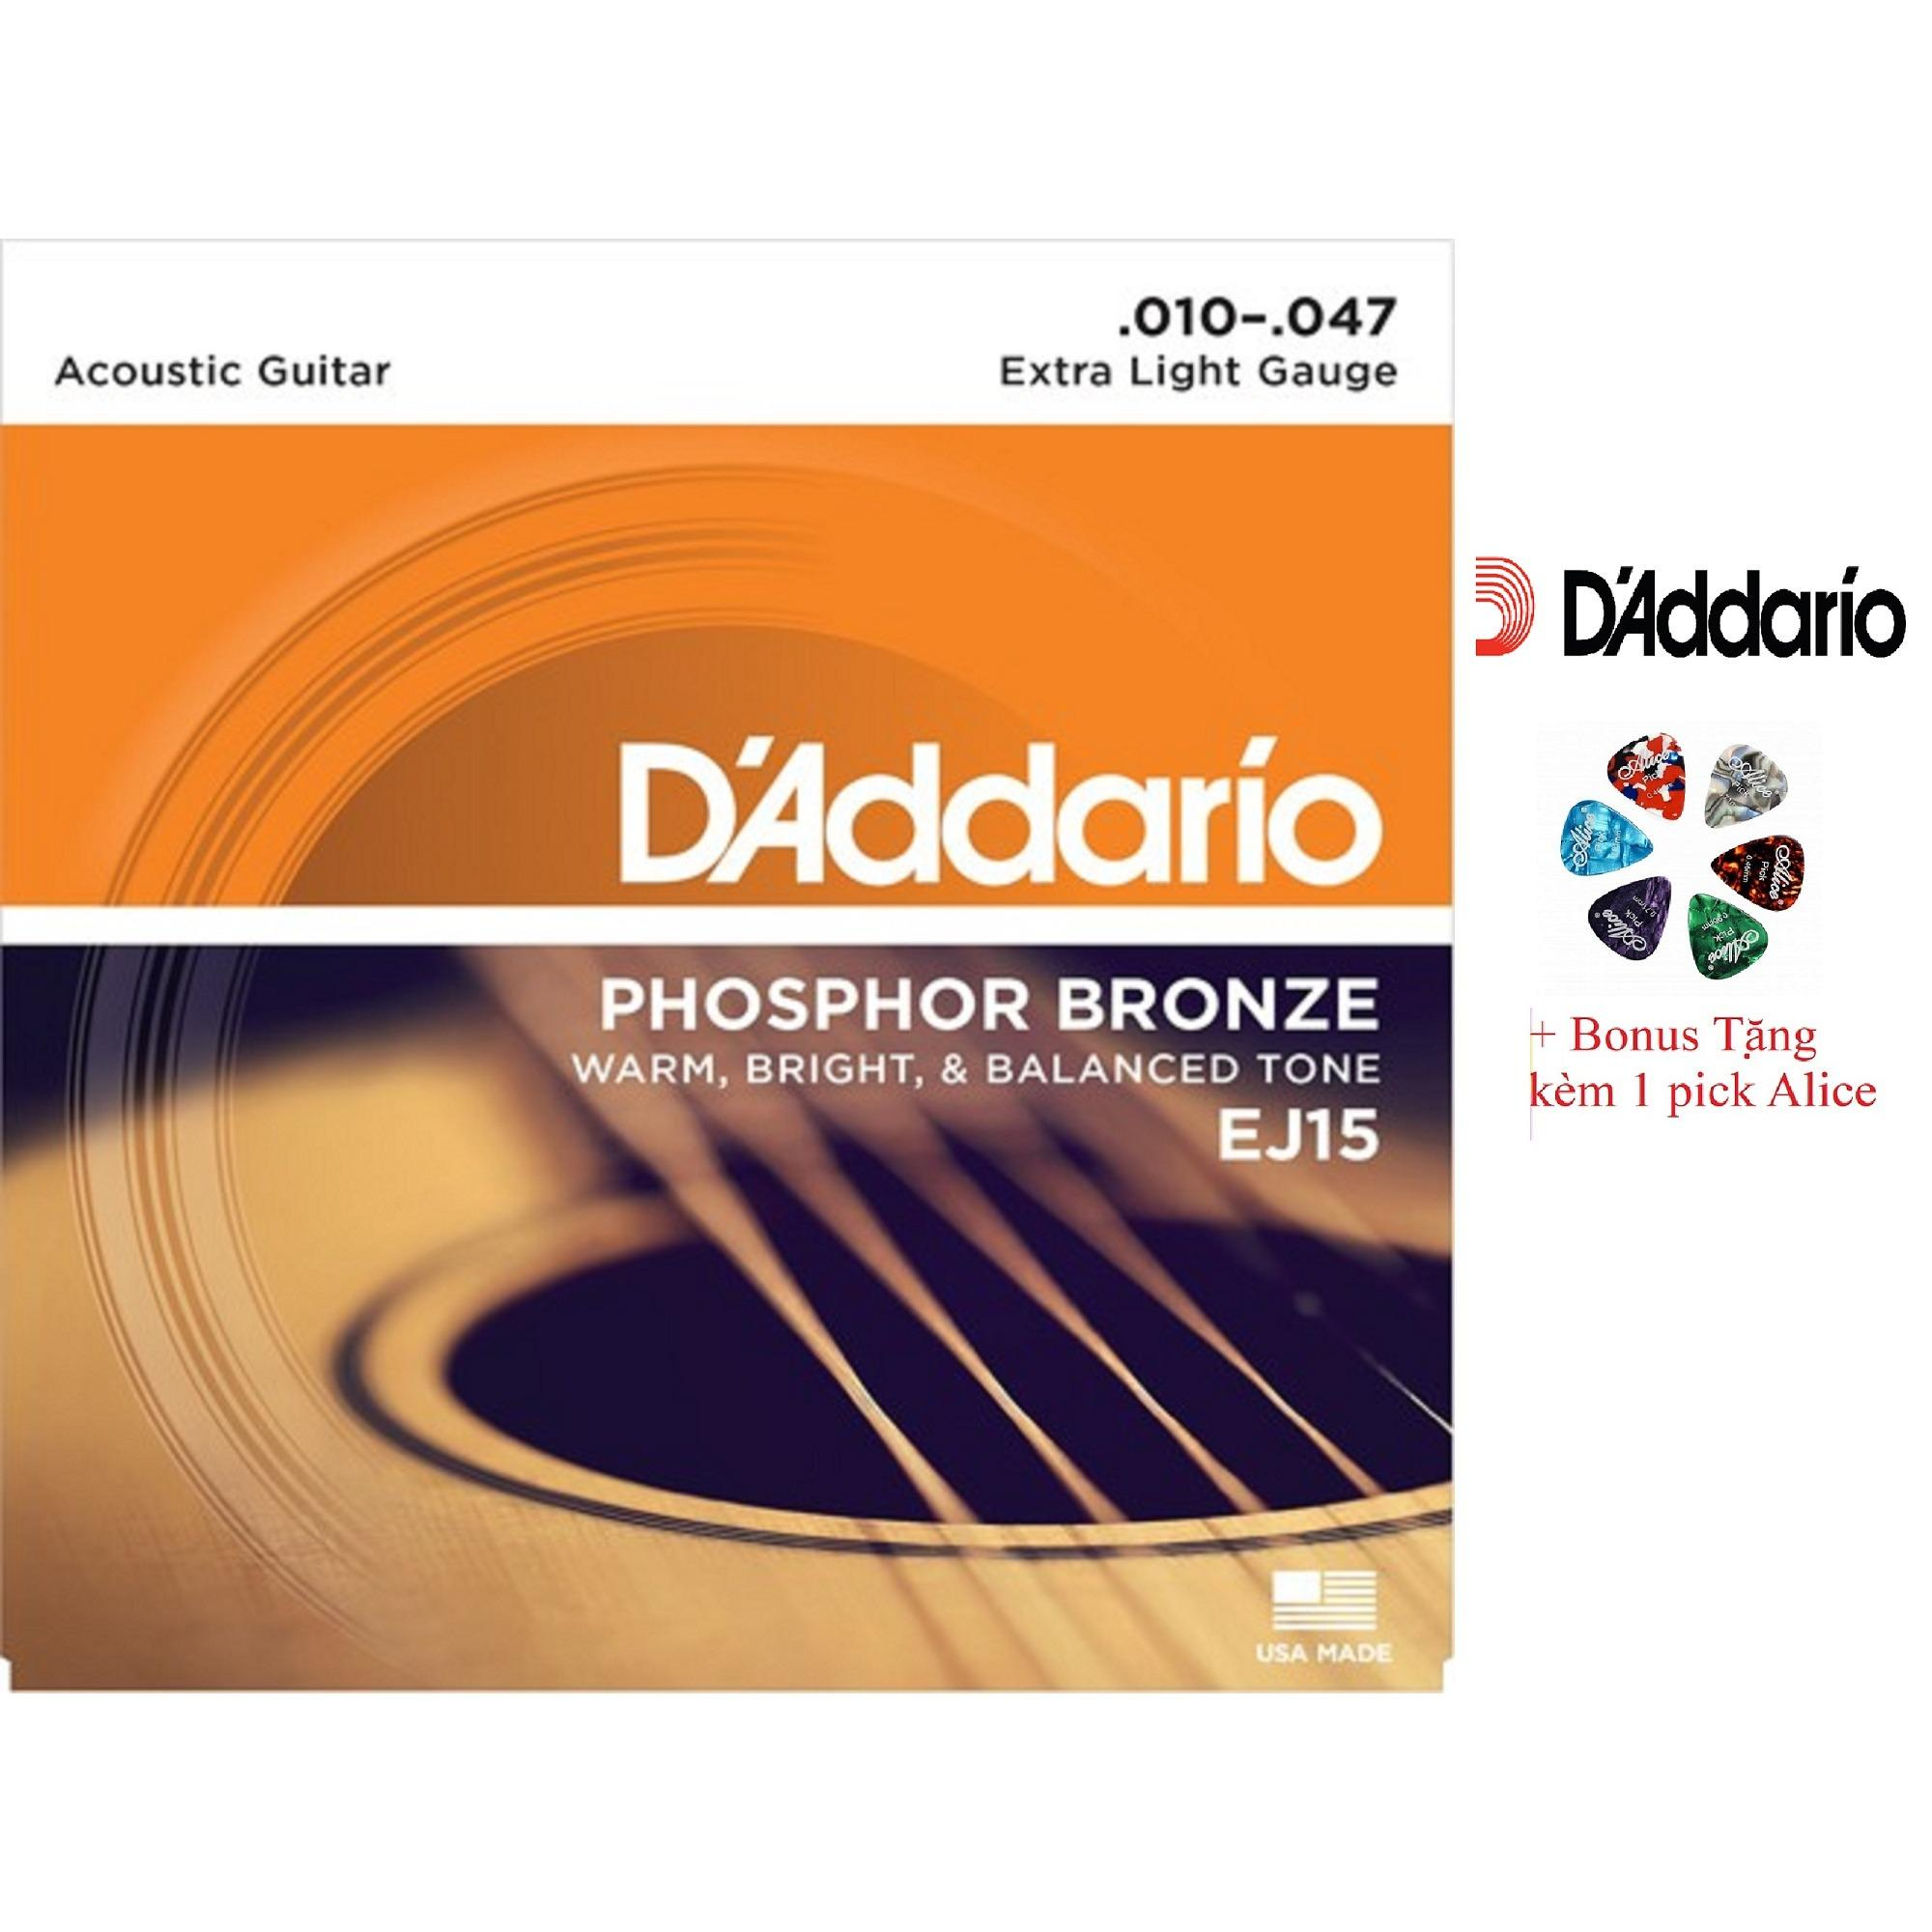 Giá Bán Bộ Hộp 6 Day Đan Guitar Acoustic D Addario Ej15 Cao Cấp Pick Alice Cỡ 10 Trực Tuyến Hà Nội